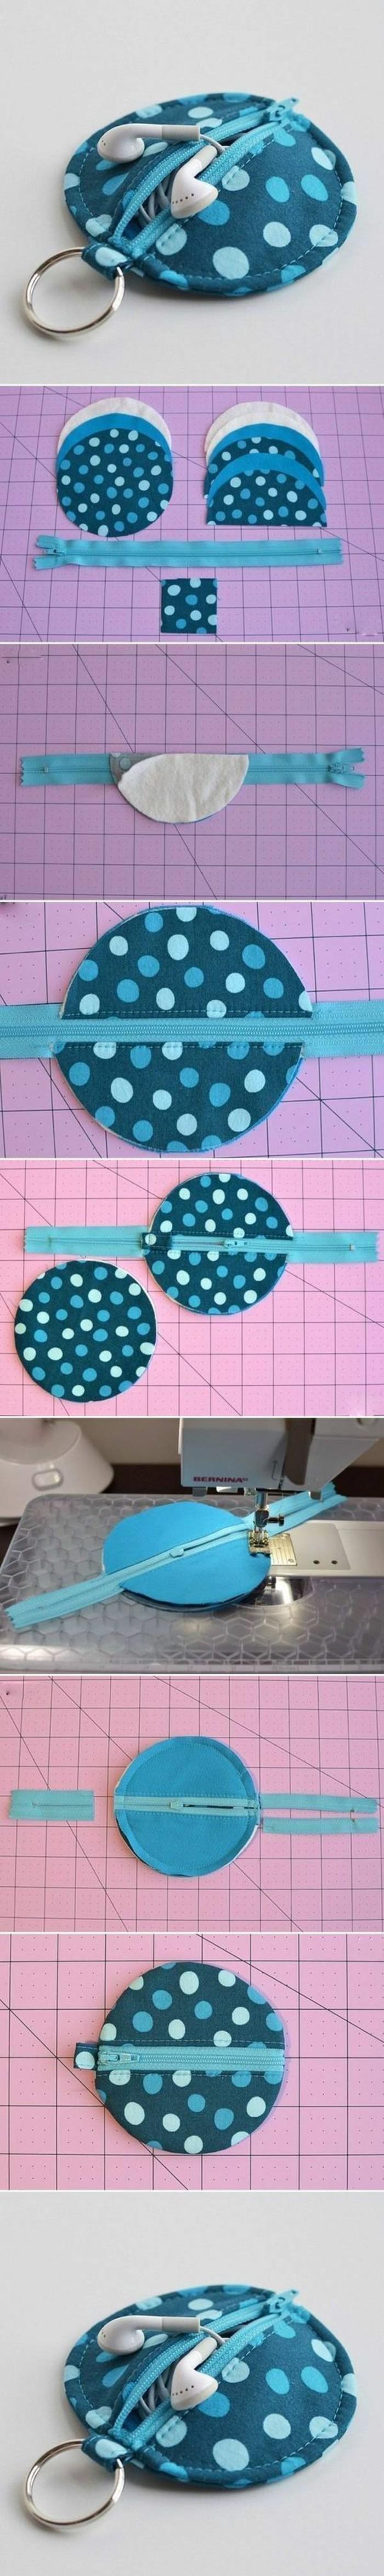 regalos de cumpleaños hechos a mano con tutoriales paso a paso, pequeño monedero de fieltro DIY